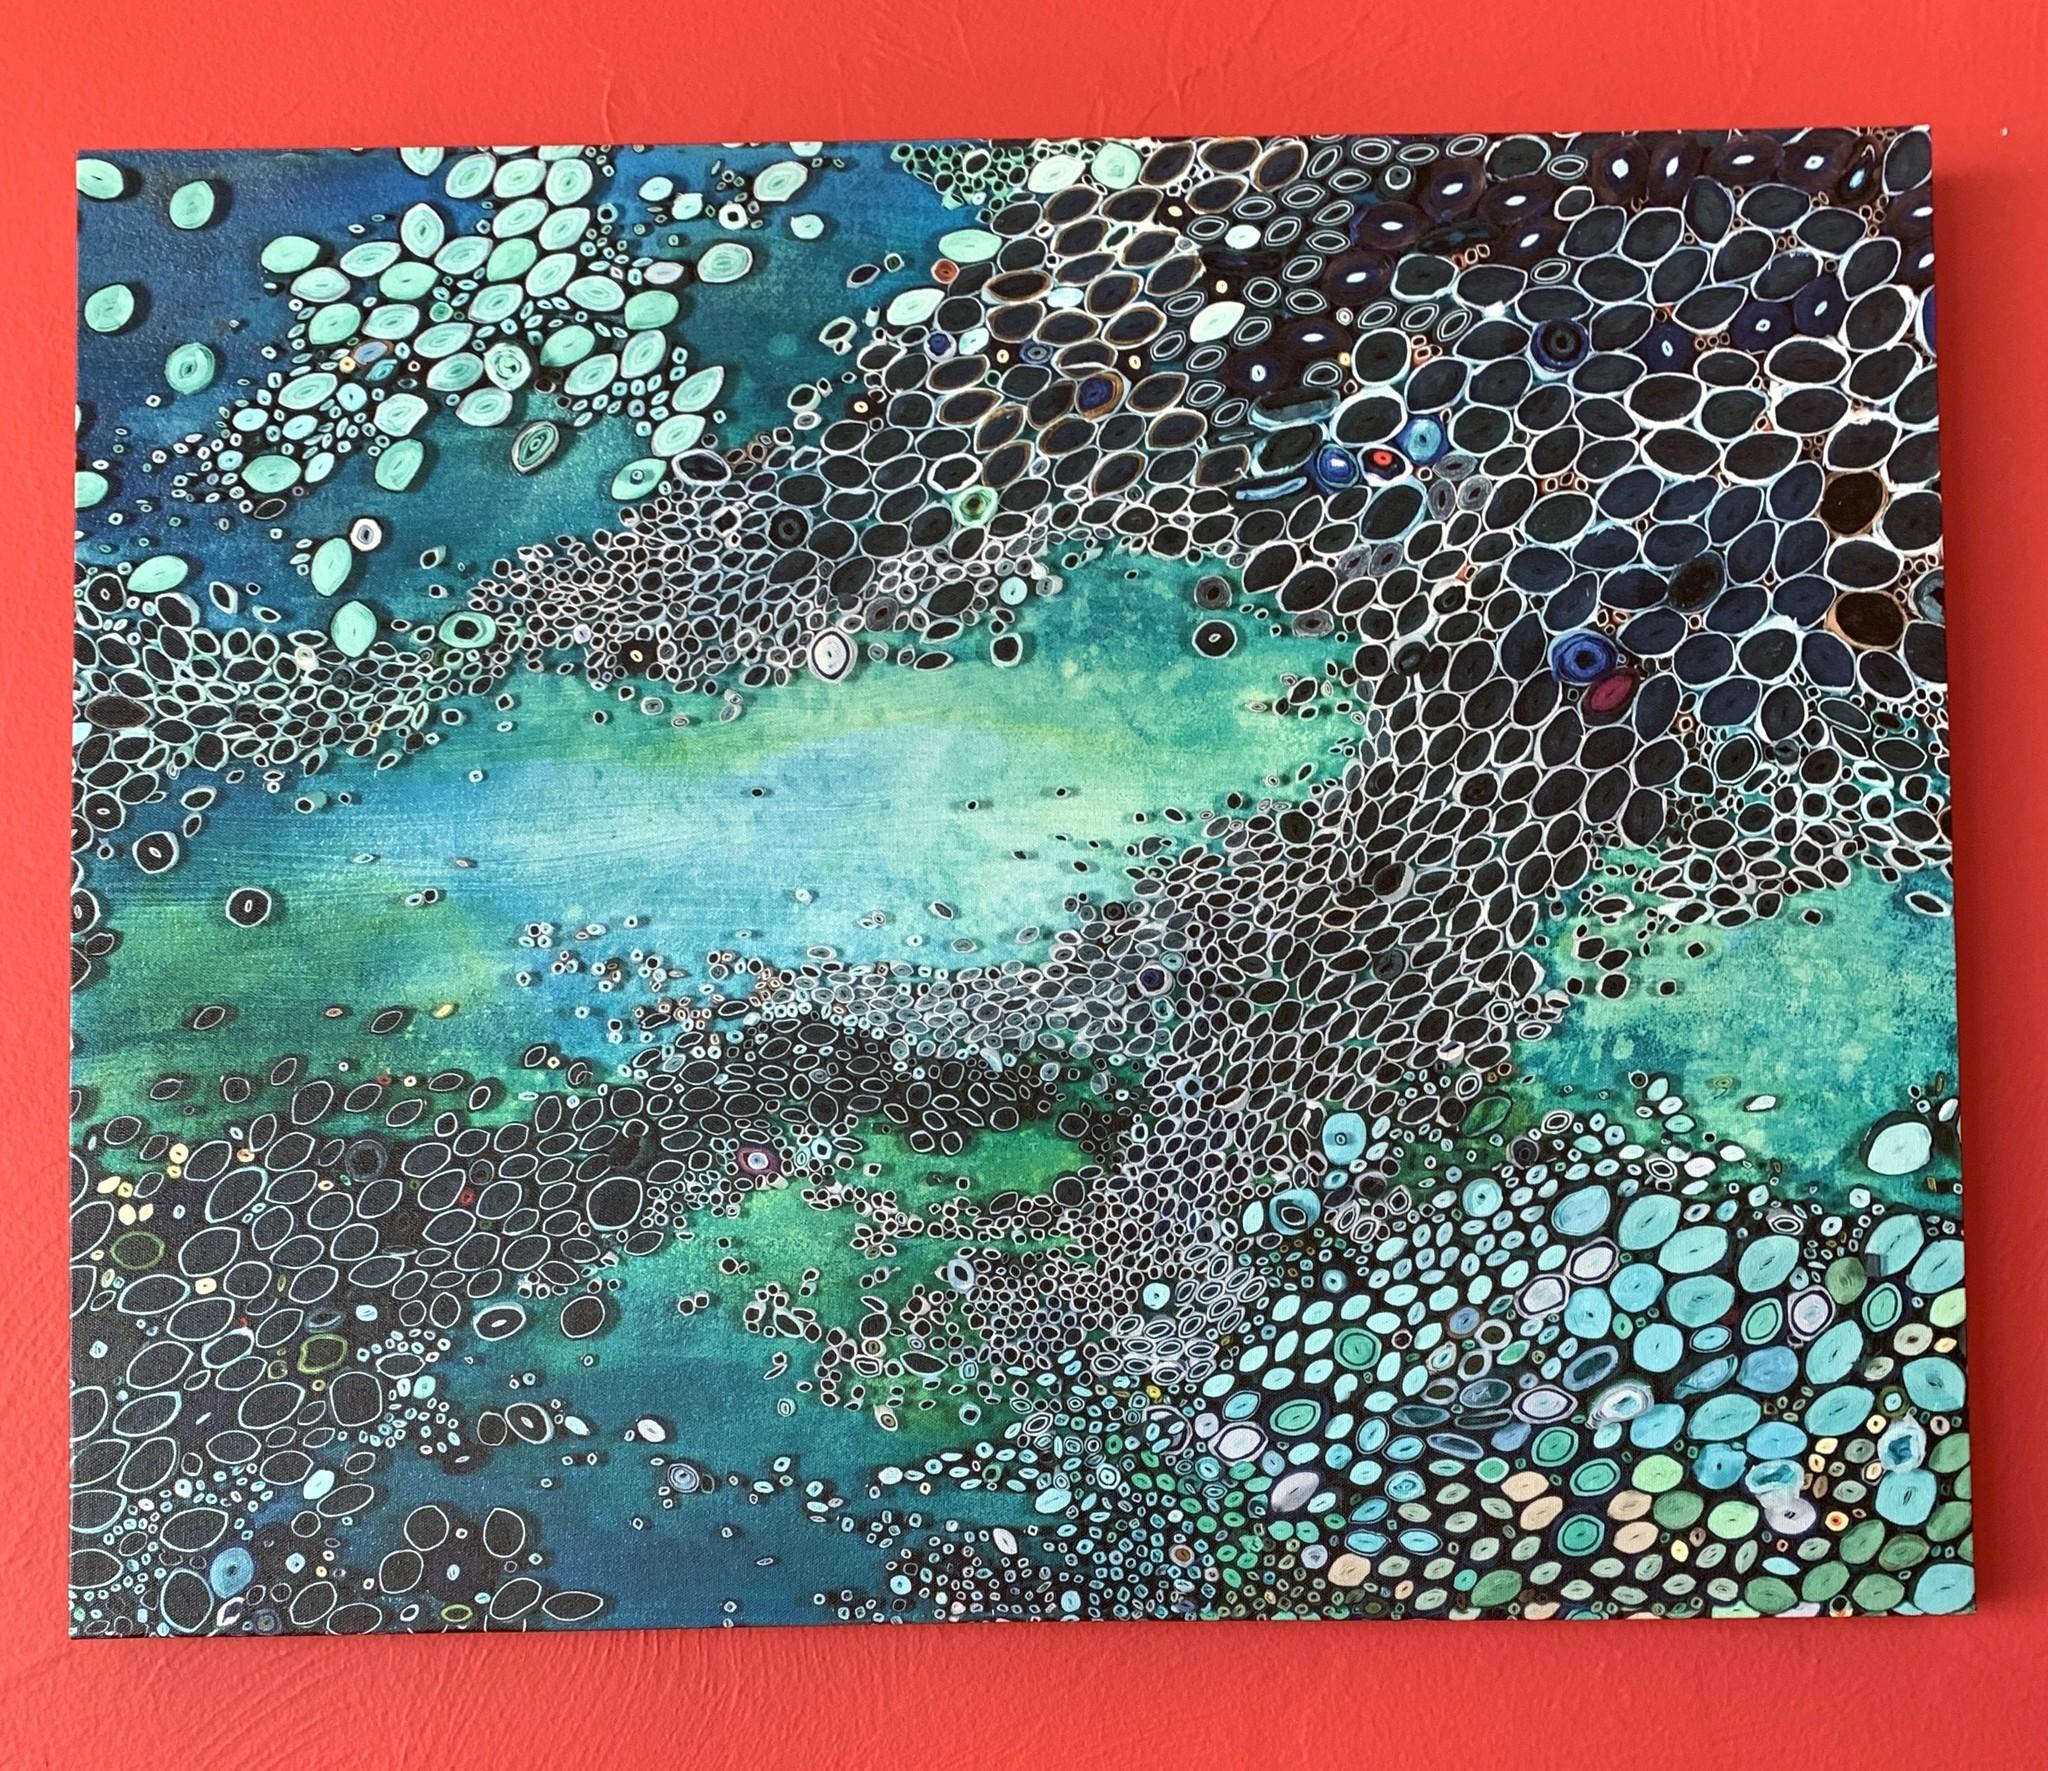 Aquatic Blues - Canvas Art 30x24